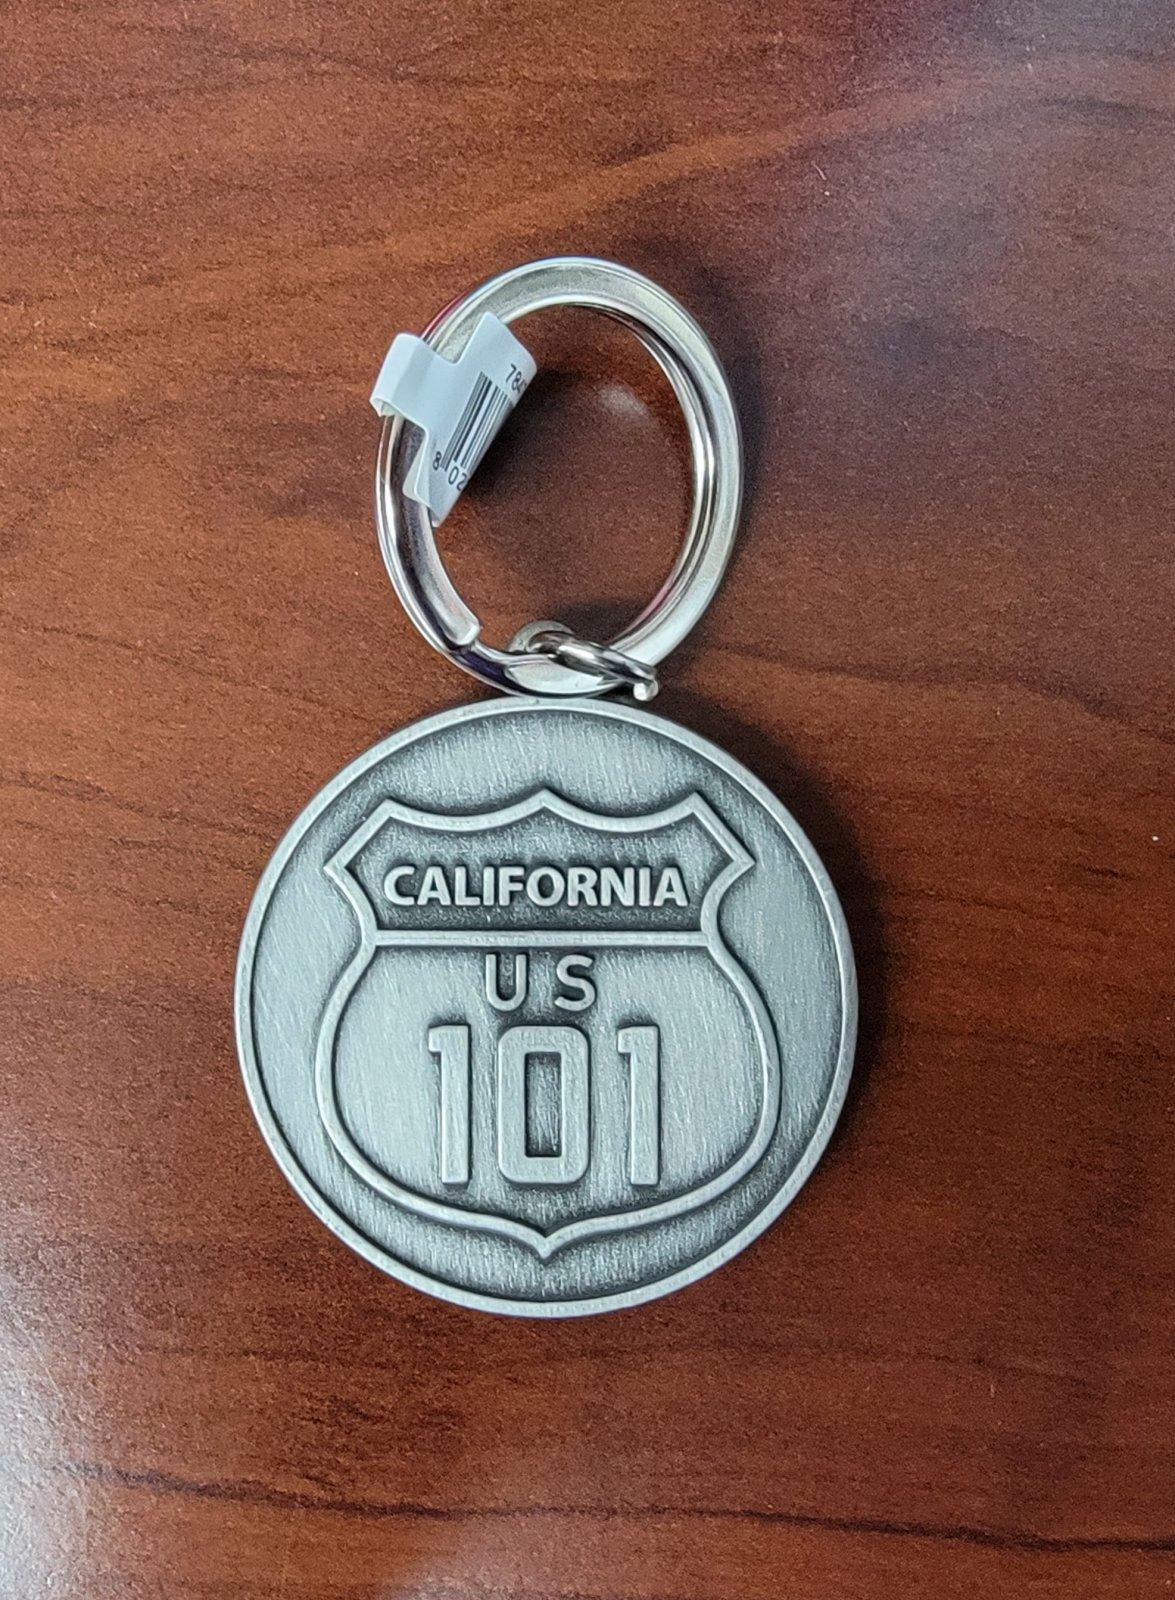 Keychain, California US Hwy 101